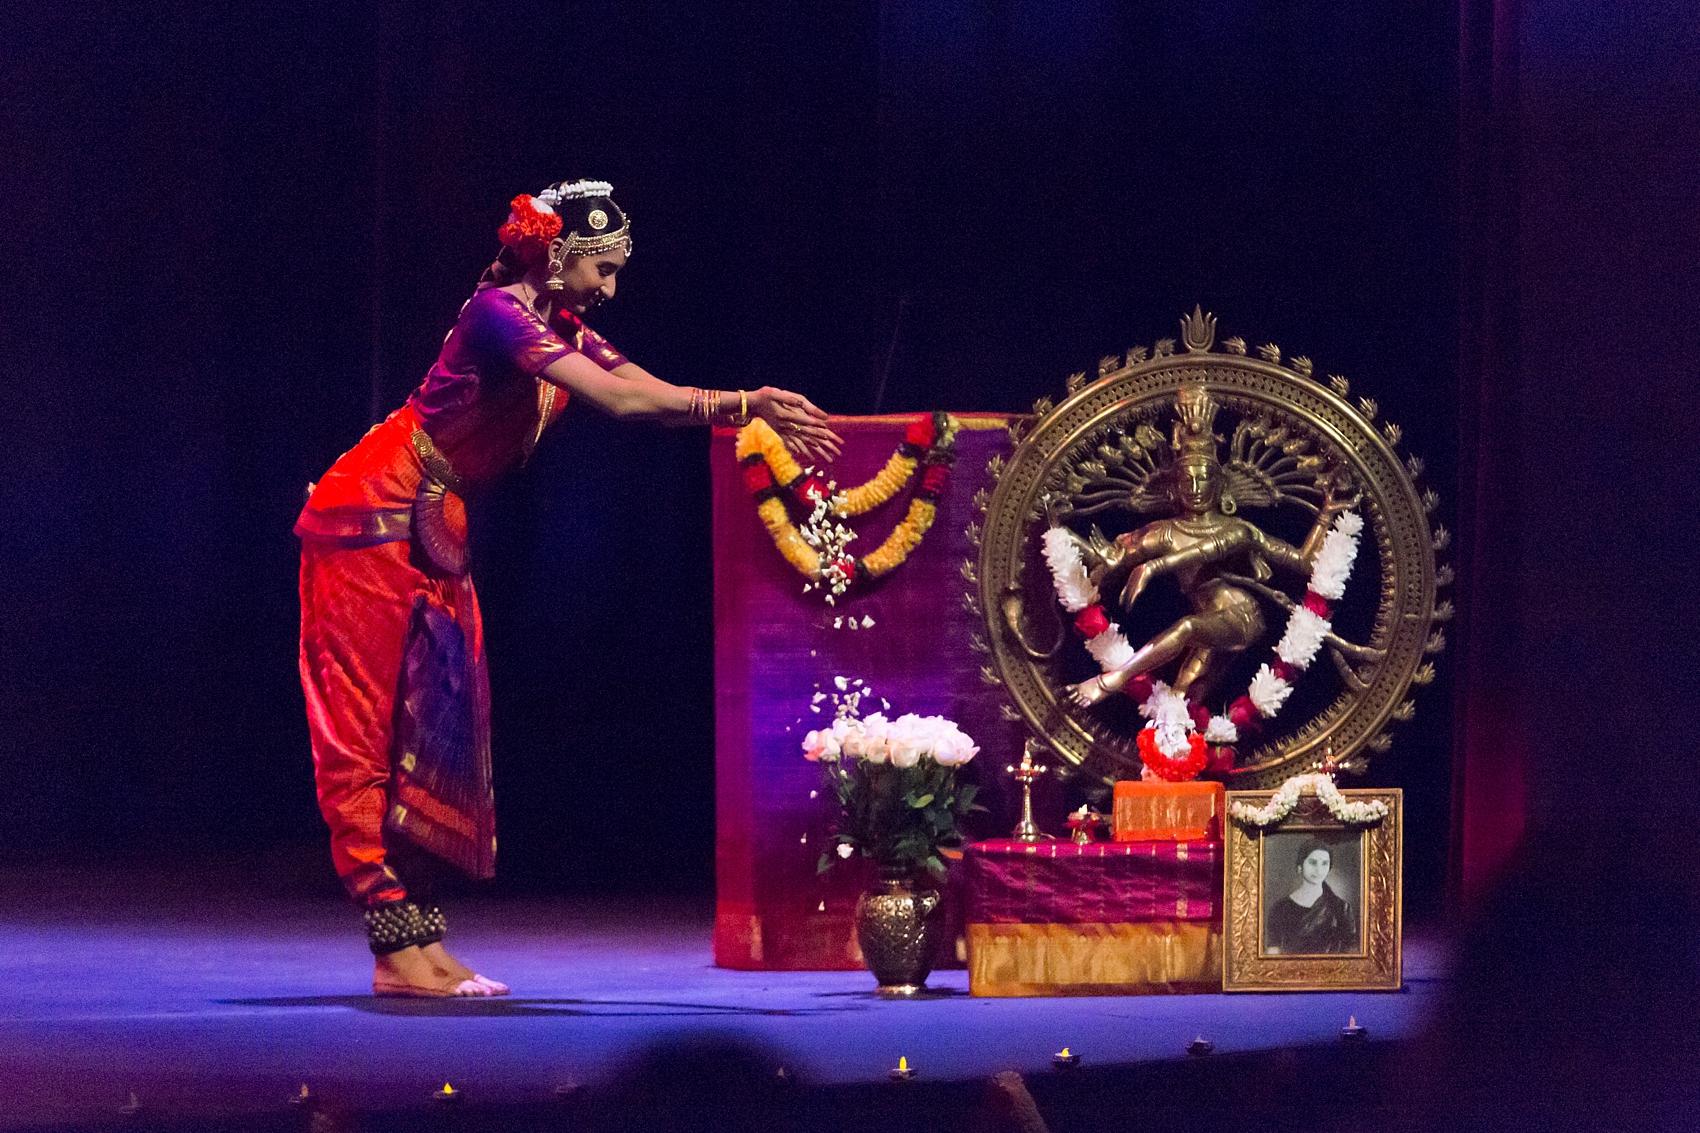 Rohini honoring the goddess Shiva before her performance.